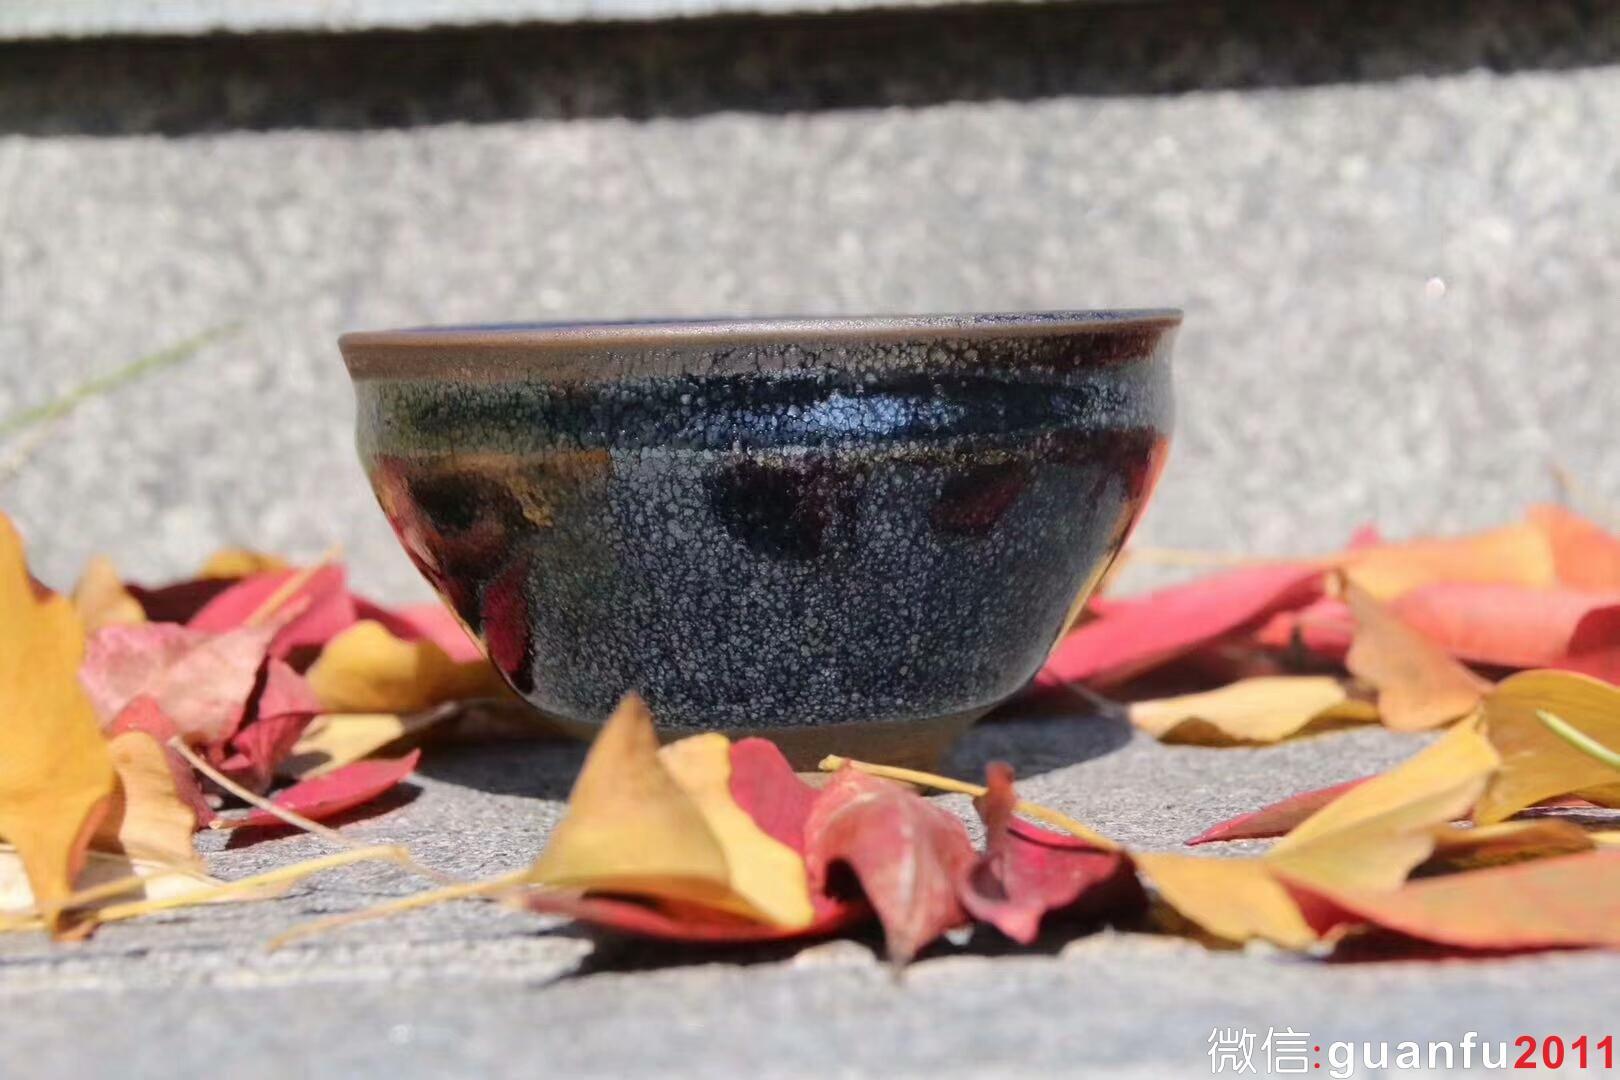 国大师 孙建兴老师  早期 小束口 9.5囗  油滴茶盏  收藏品